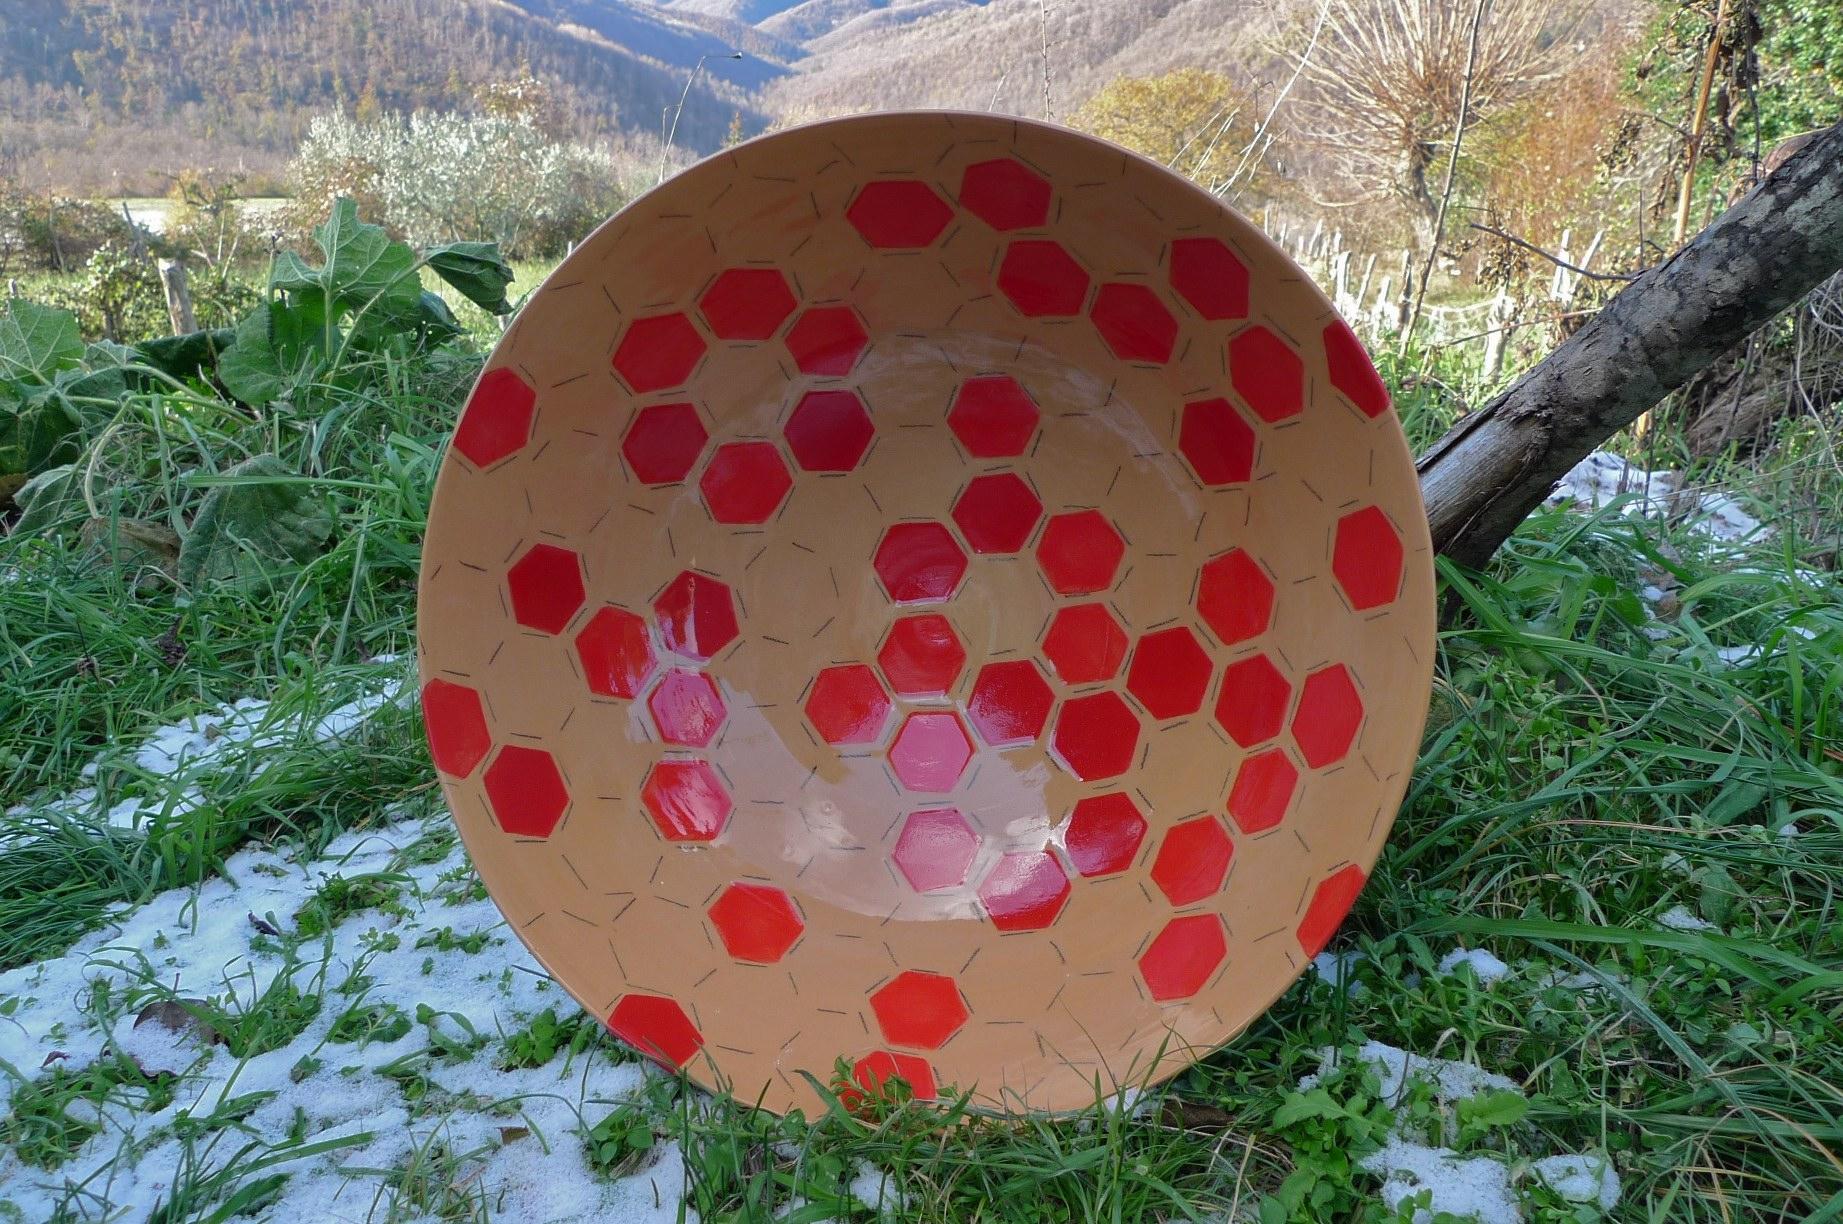 terra cotta ceramic body: bowl (red hexagon with line) 15 x 40cm (350 E)